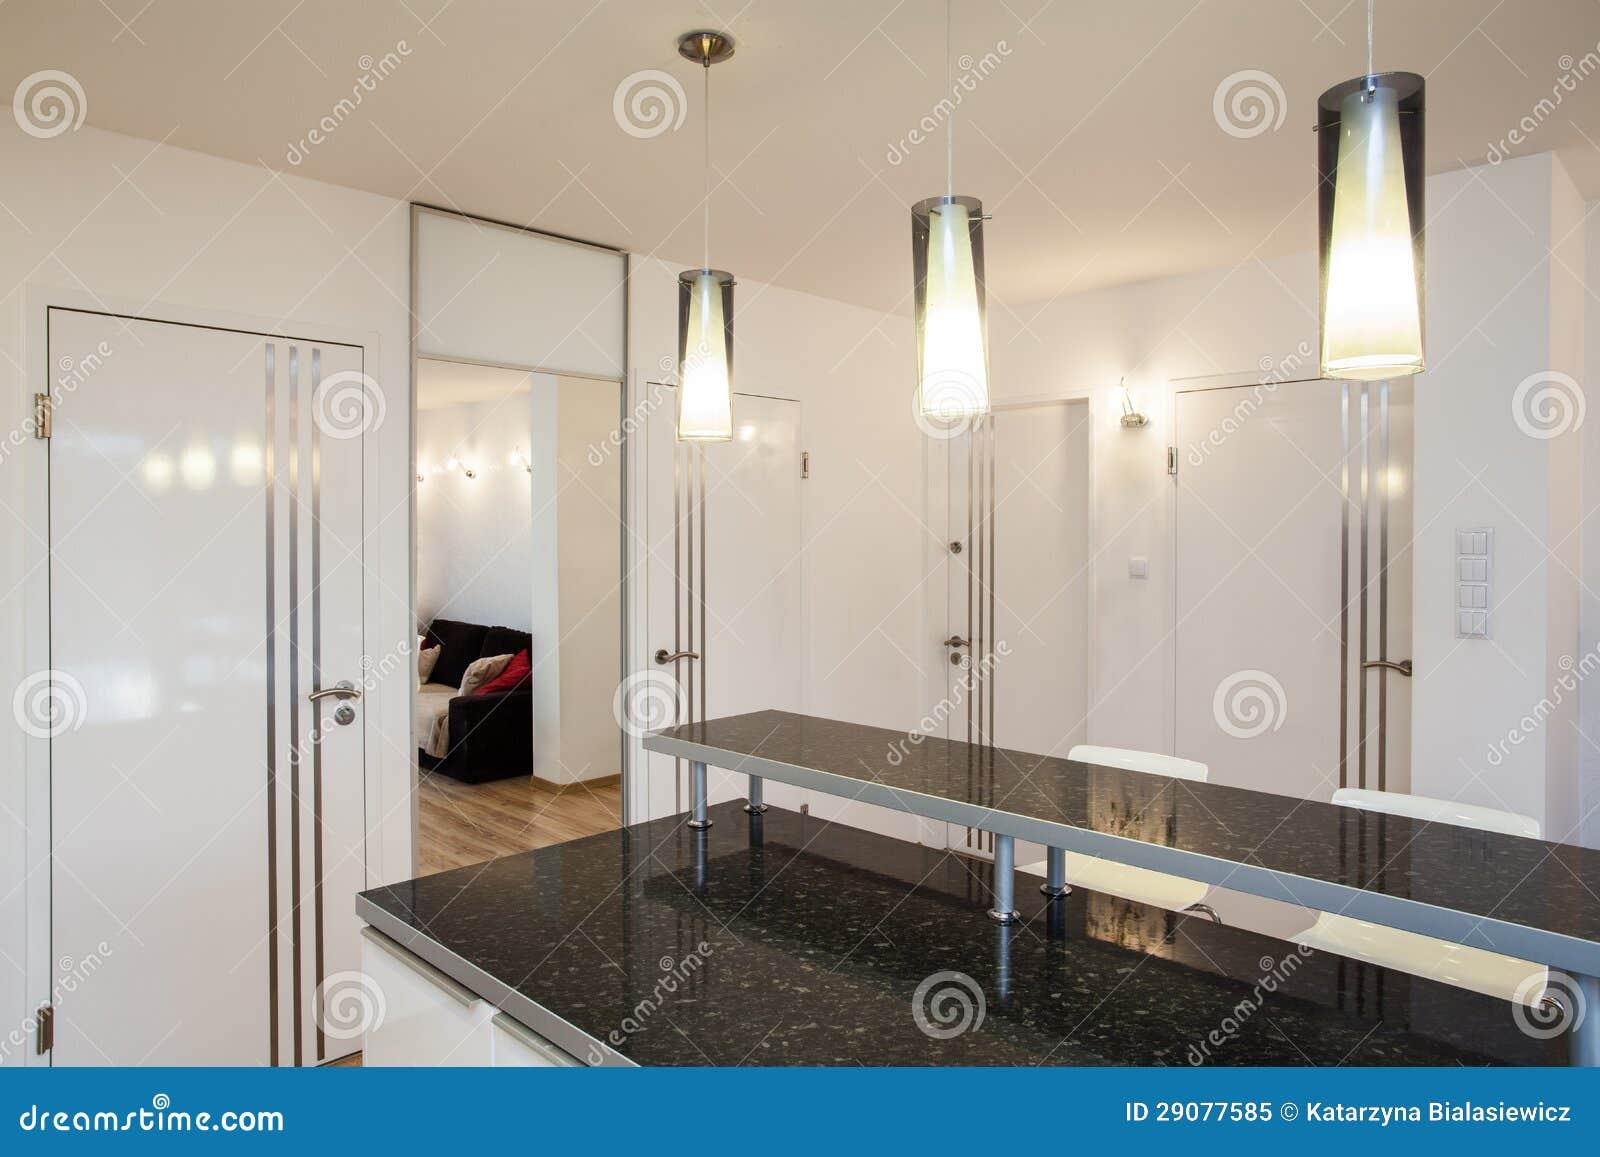 Foto de Stock Royalty Free: Plano à moda bancada na cozinha #82A328 1300 957